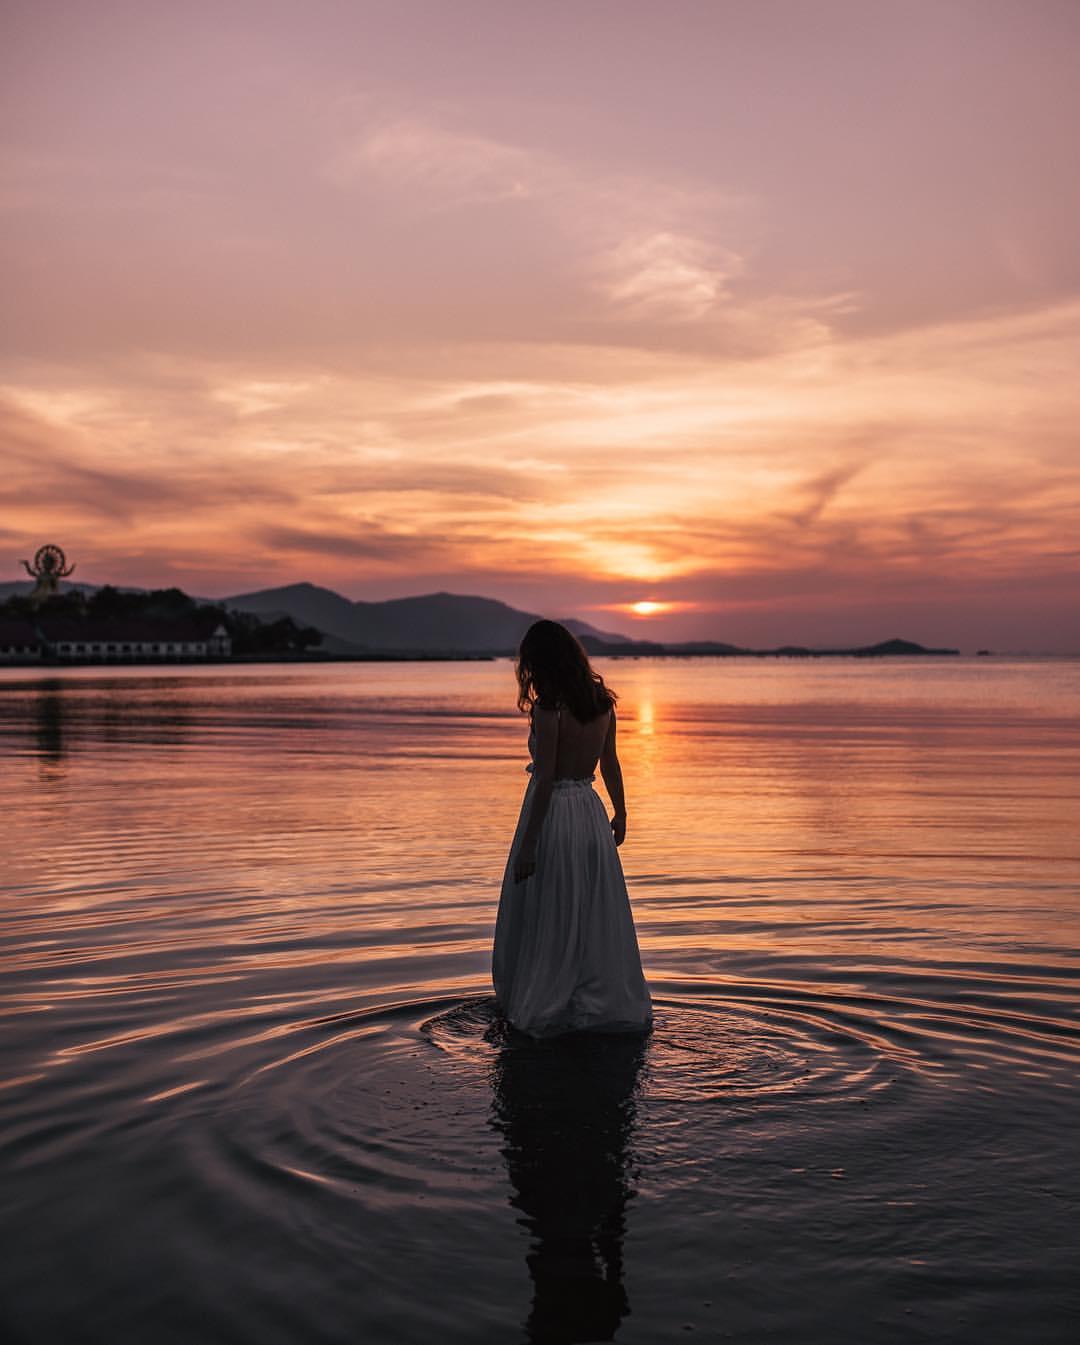 Фото Девушки стоит в воде на фоне заката, by klara_shfl